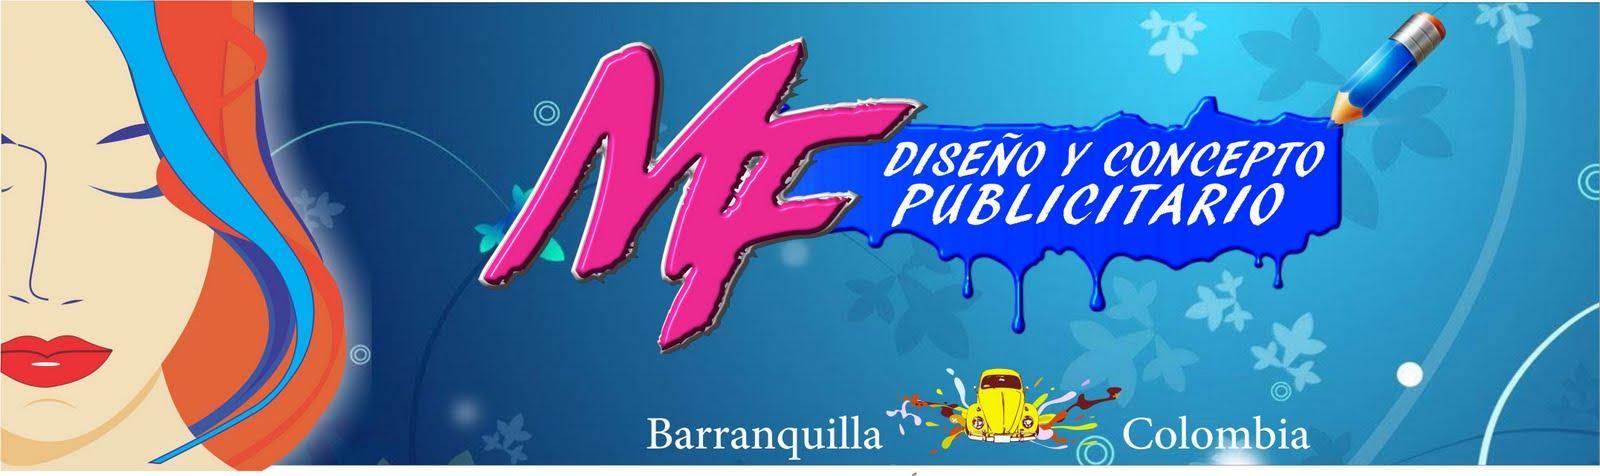 MF DISEÑO Y CONCEPTO PUBLICITARIO